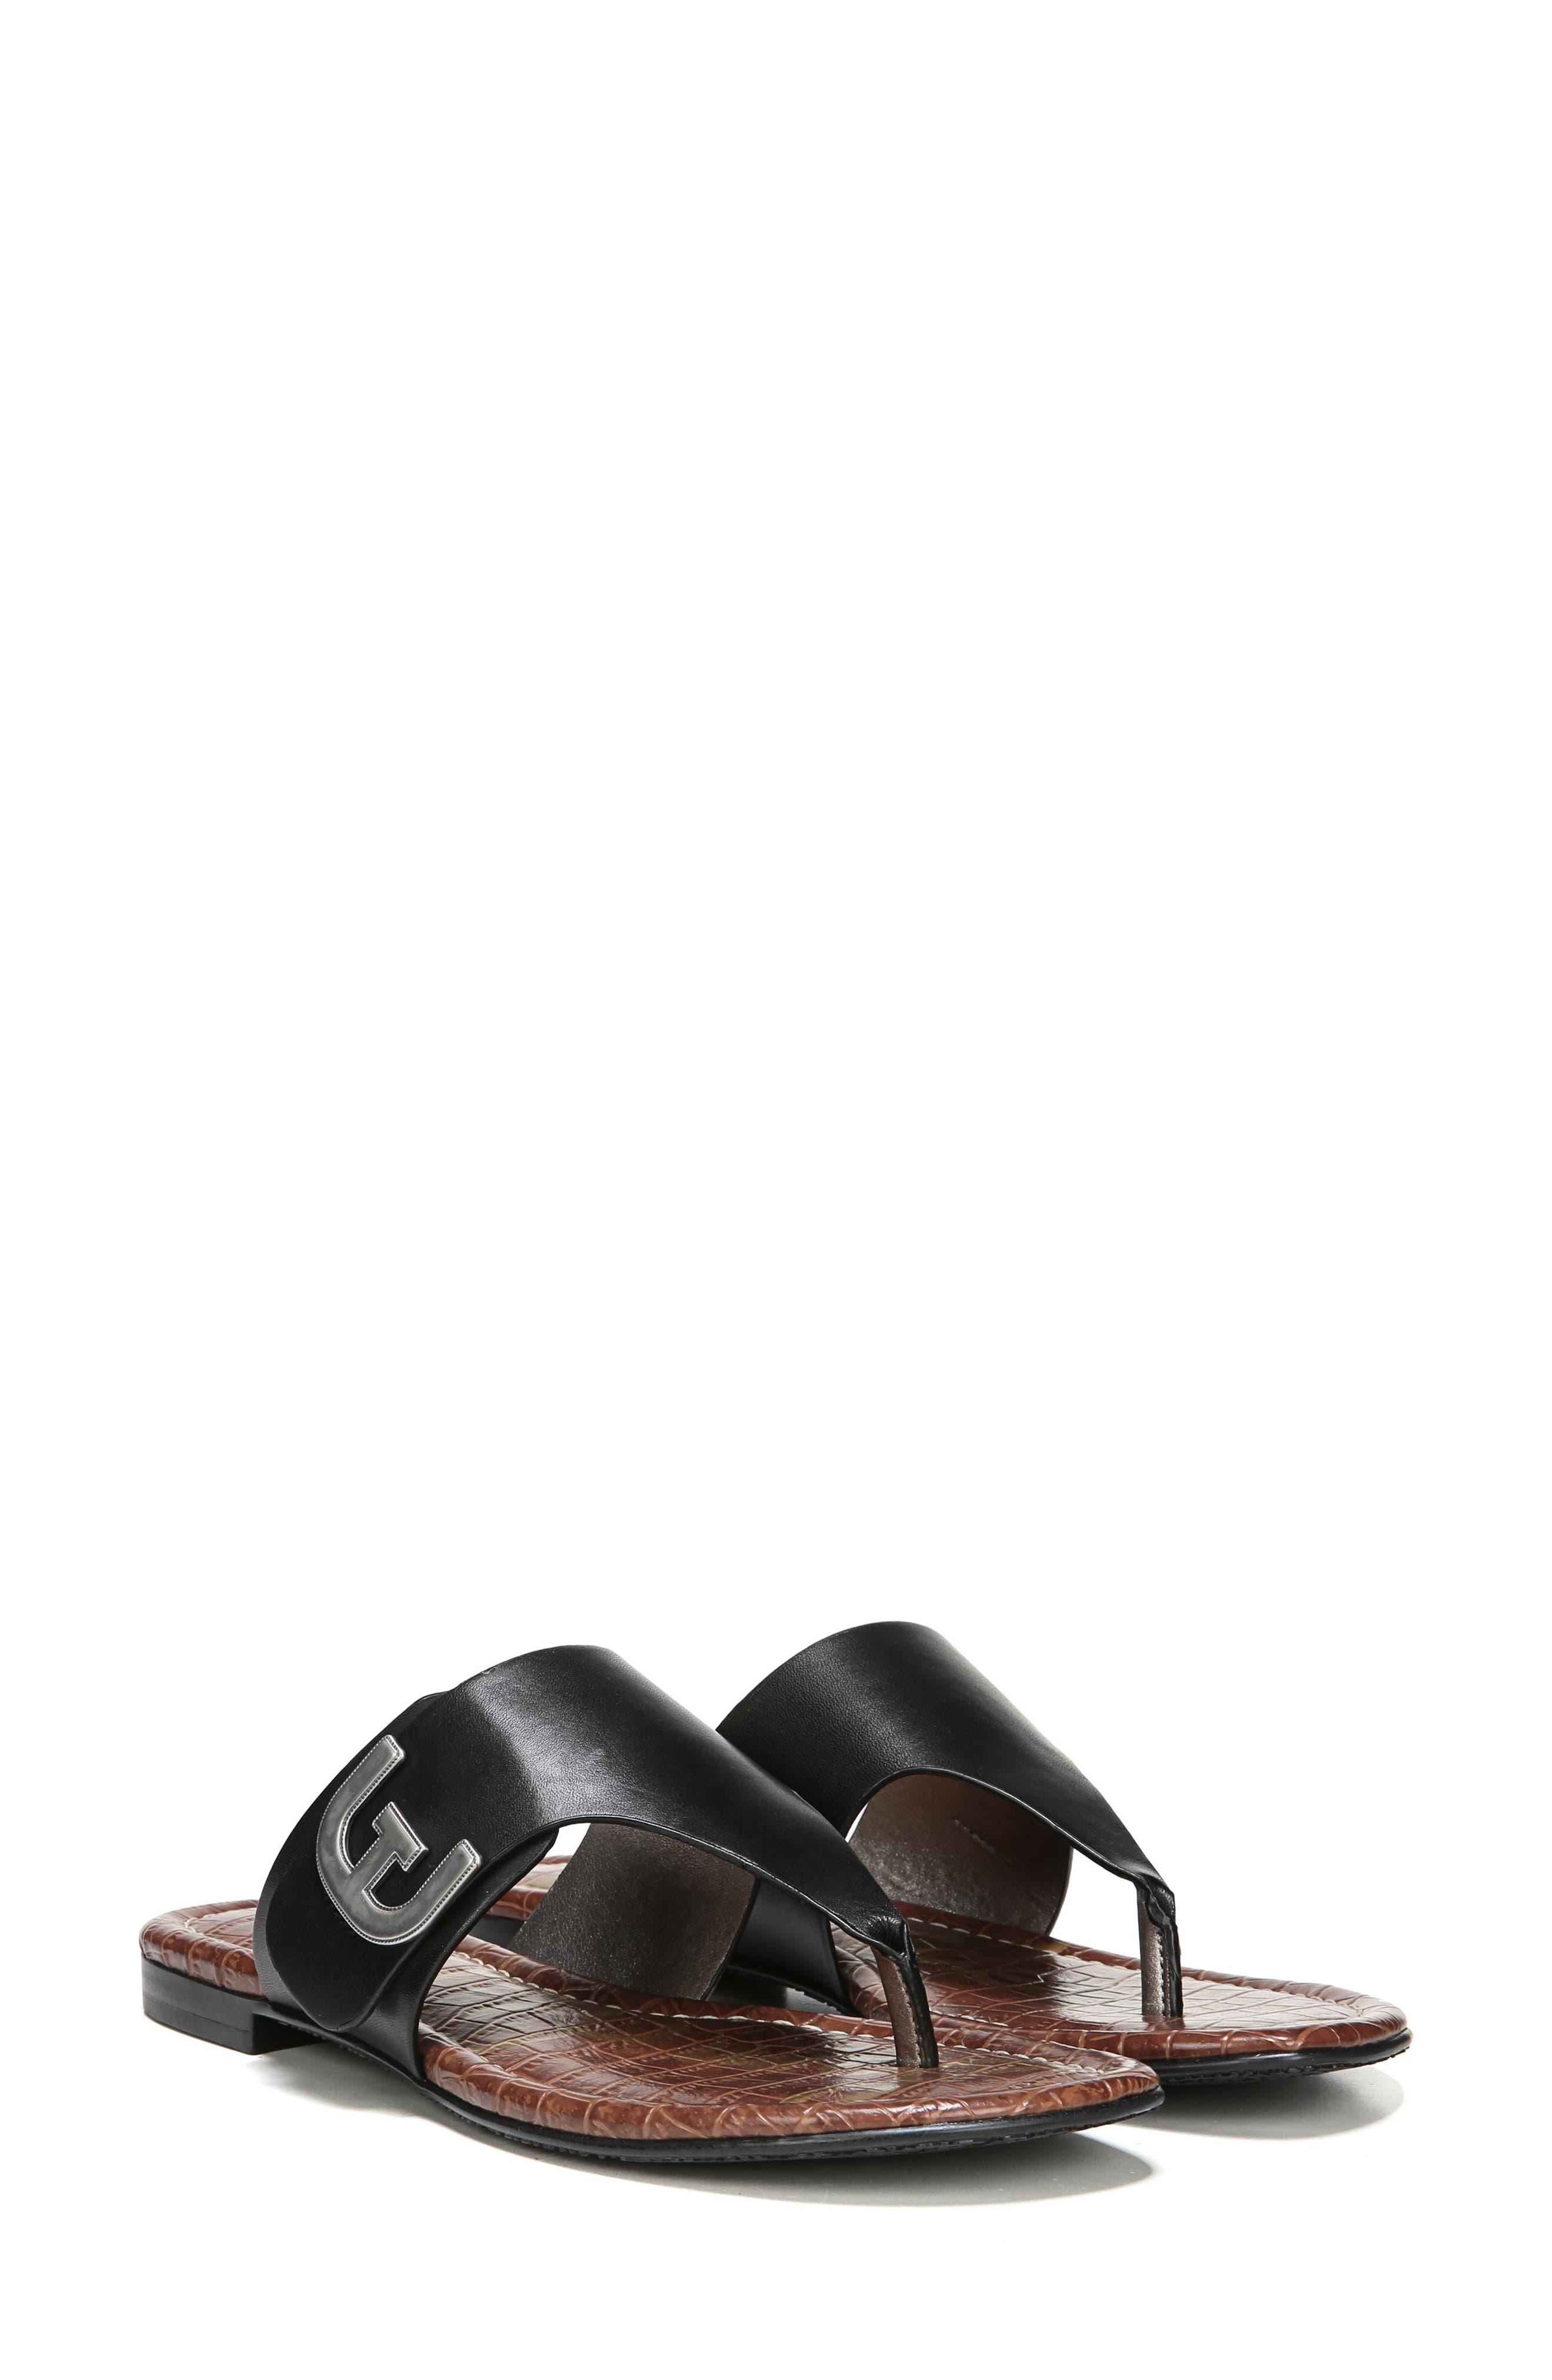 Barry Genuine Calf Hair V-Strap Sandal,                             Alternate thumbnail 8, color,                             001